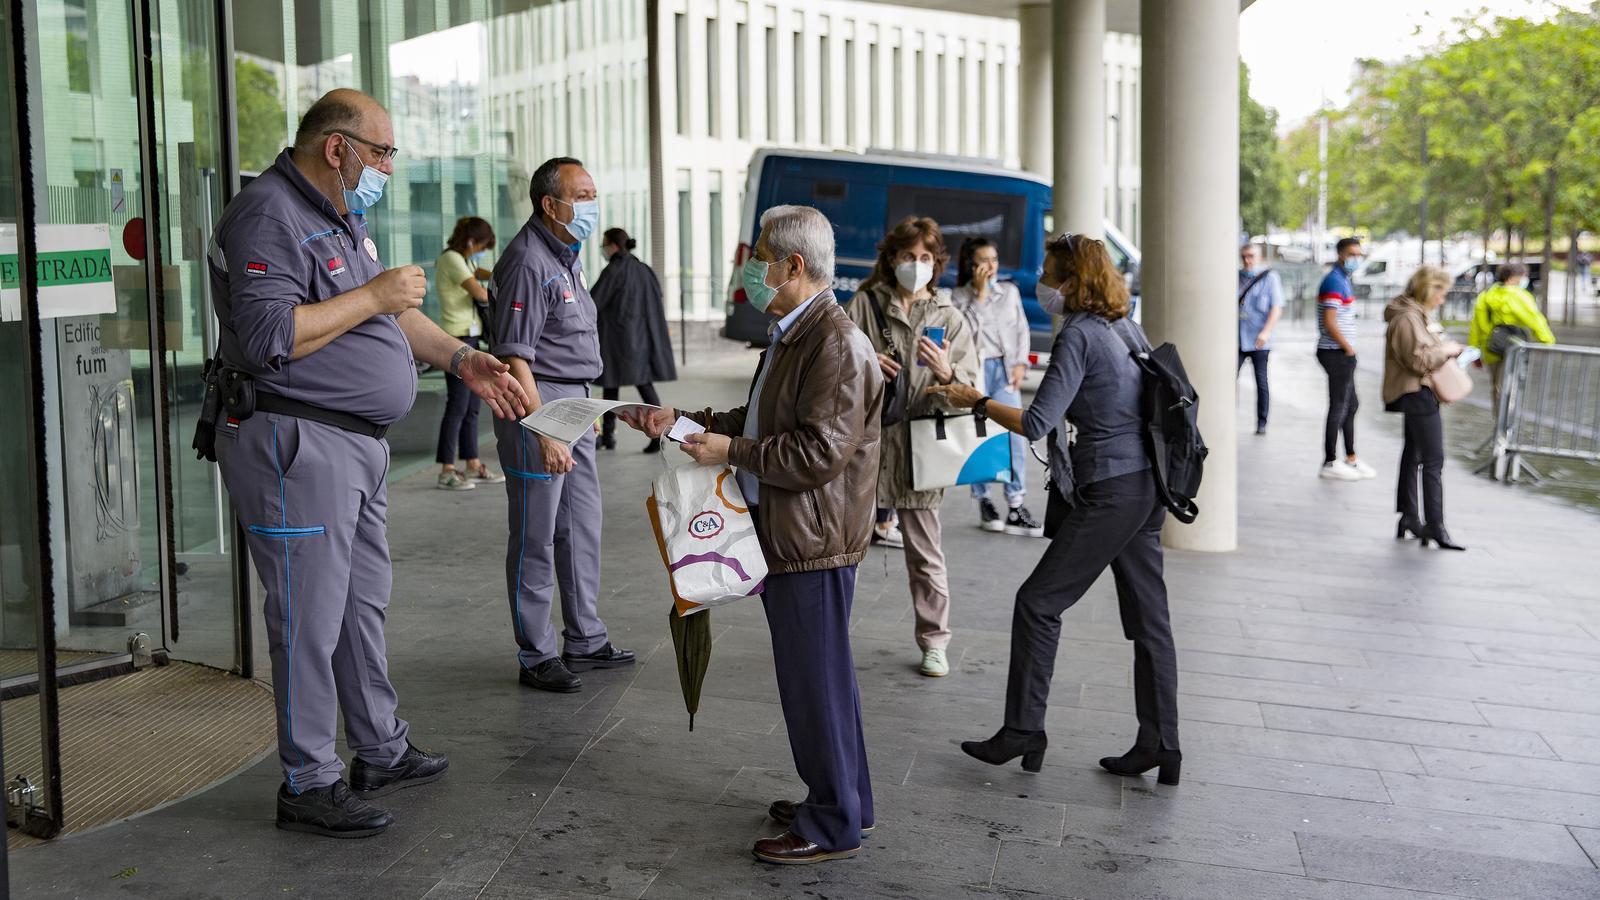 Els accessos a la Ciutat de la Justícia aquest dijous / FRANCESC MELCION